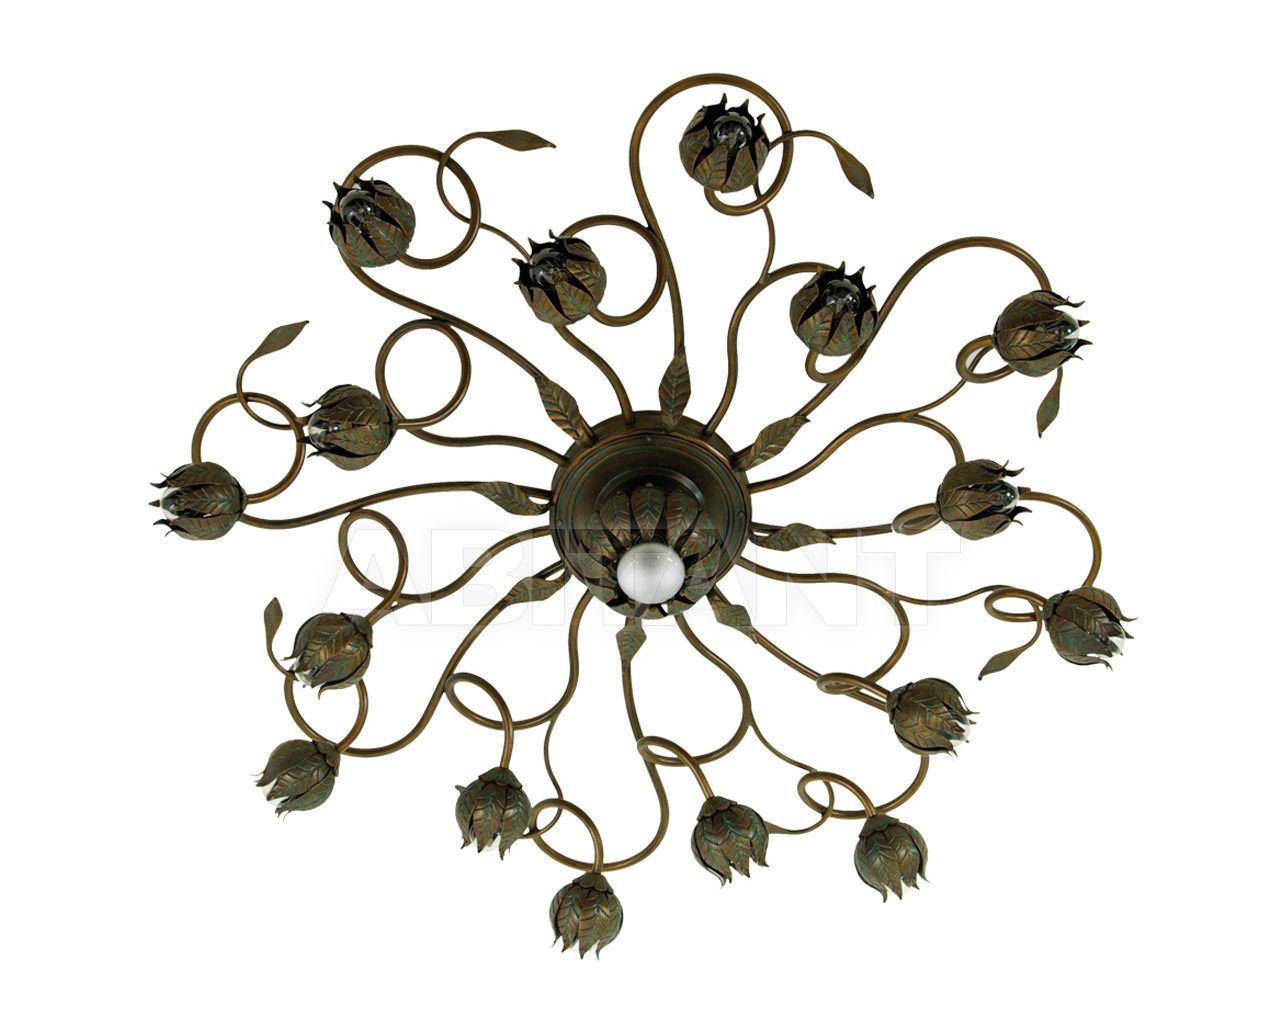 Купить Светильник FMB Leuchten Schmiedeeisen Lampen Und Leuchten 94210